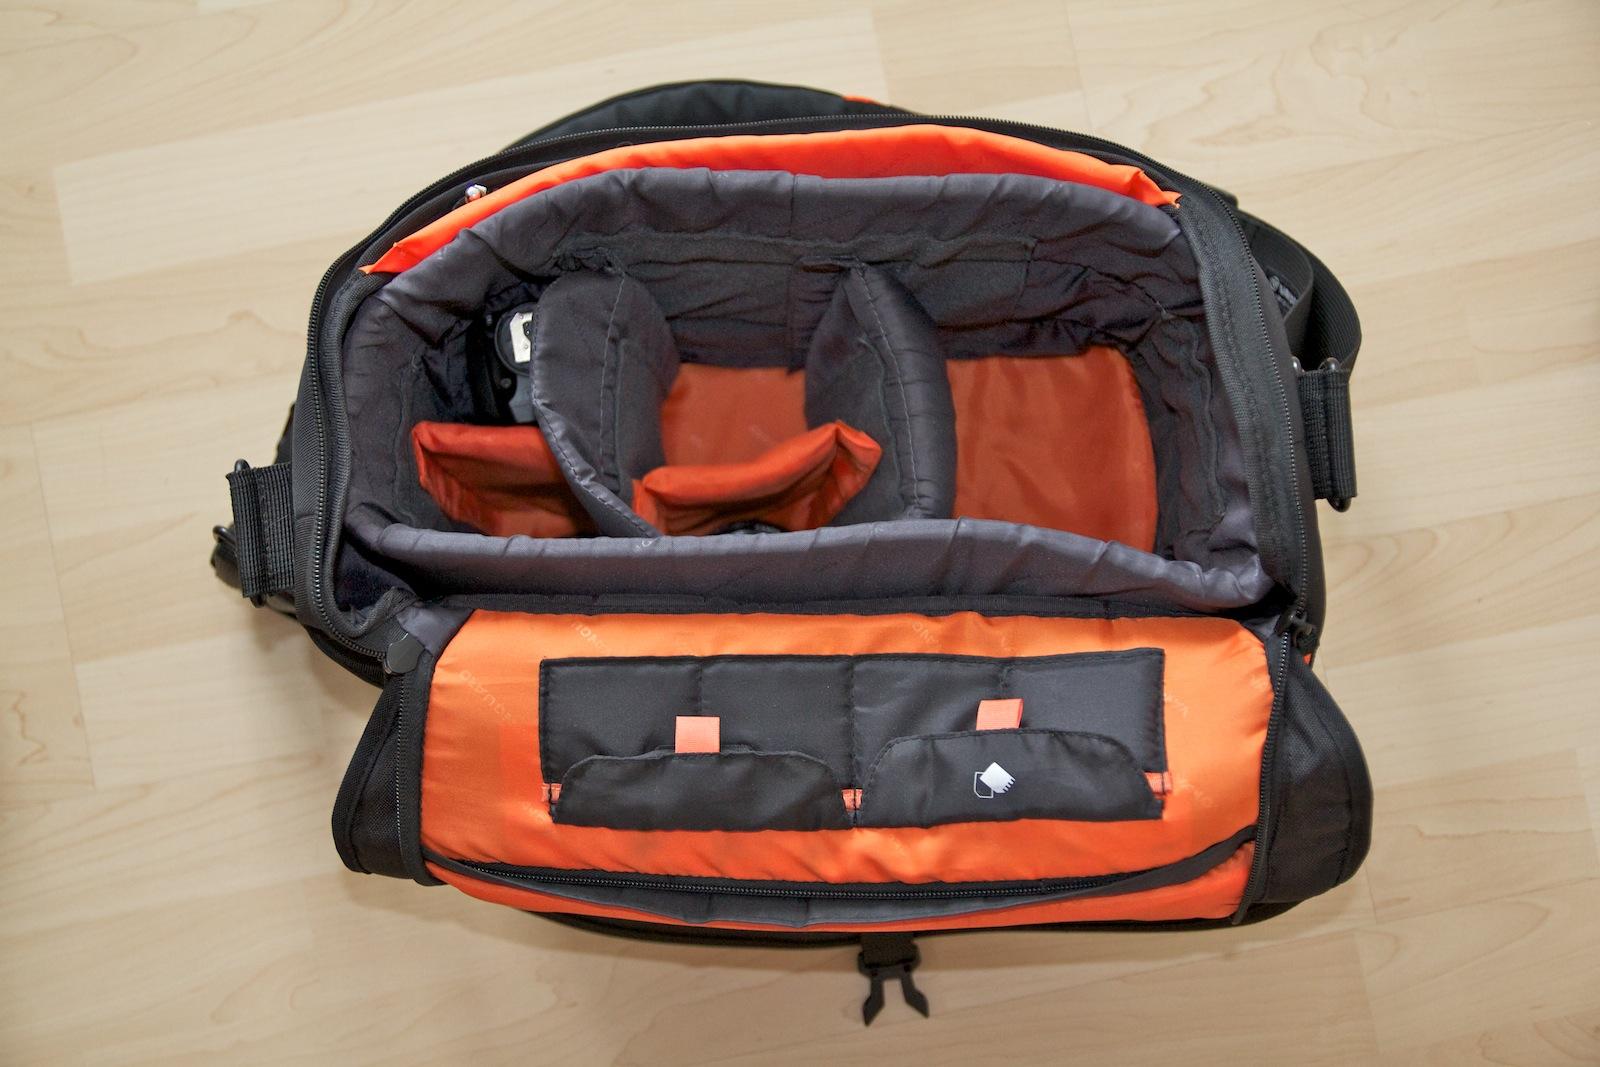 Vanguard The Heralder 33 Recenze Foto Brany Fototipy Shoulder Bag Vzhled A Proveden